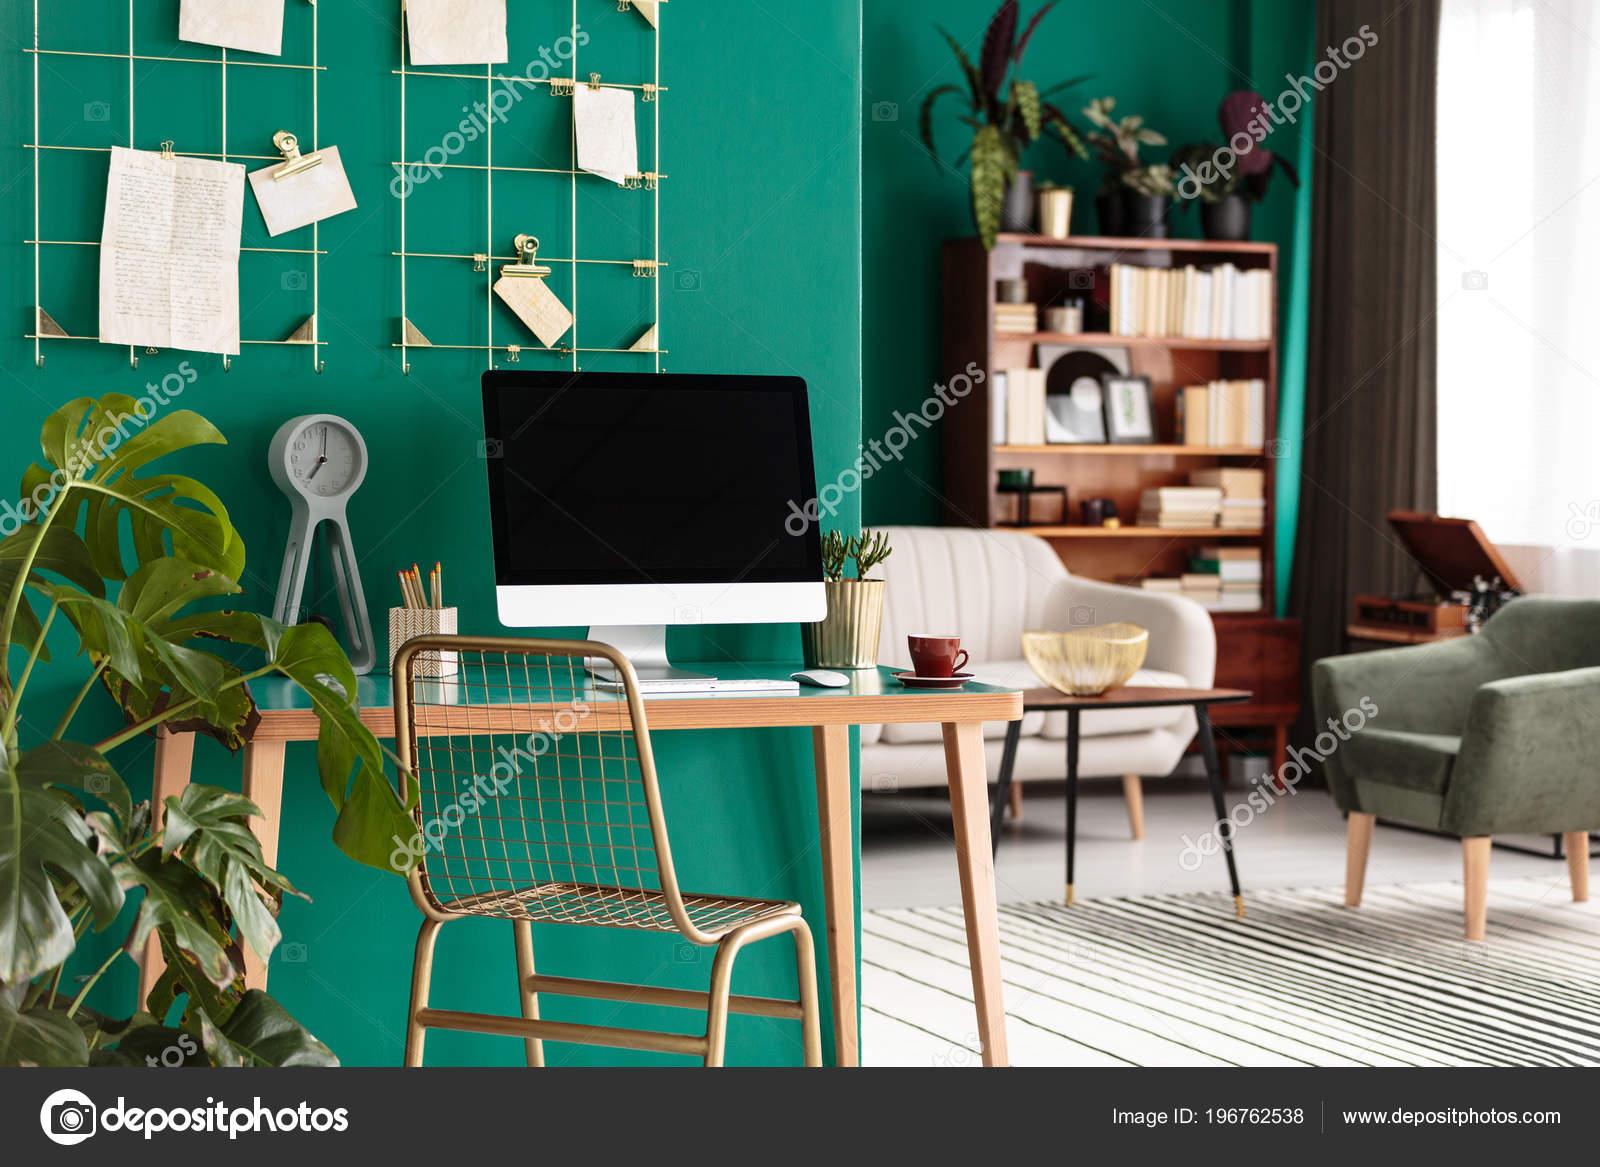 Chaise comptoir bois avec ordinateur bureau intérieur bureau